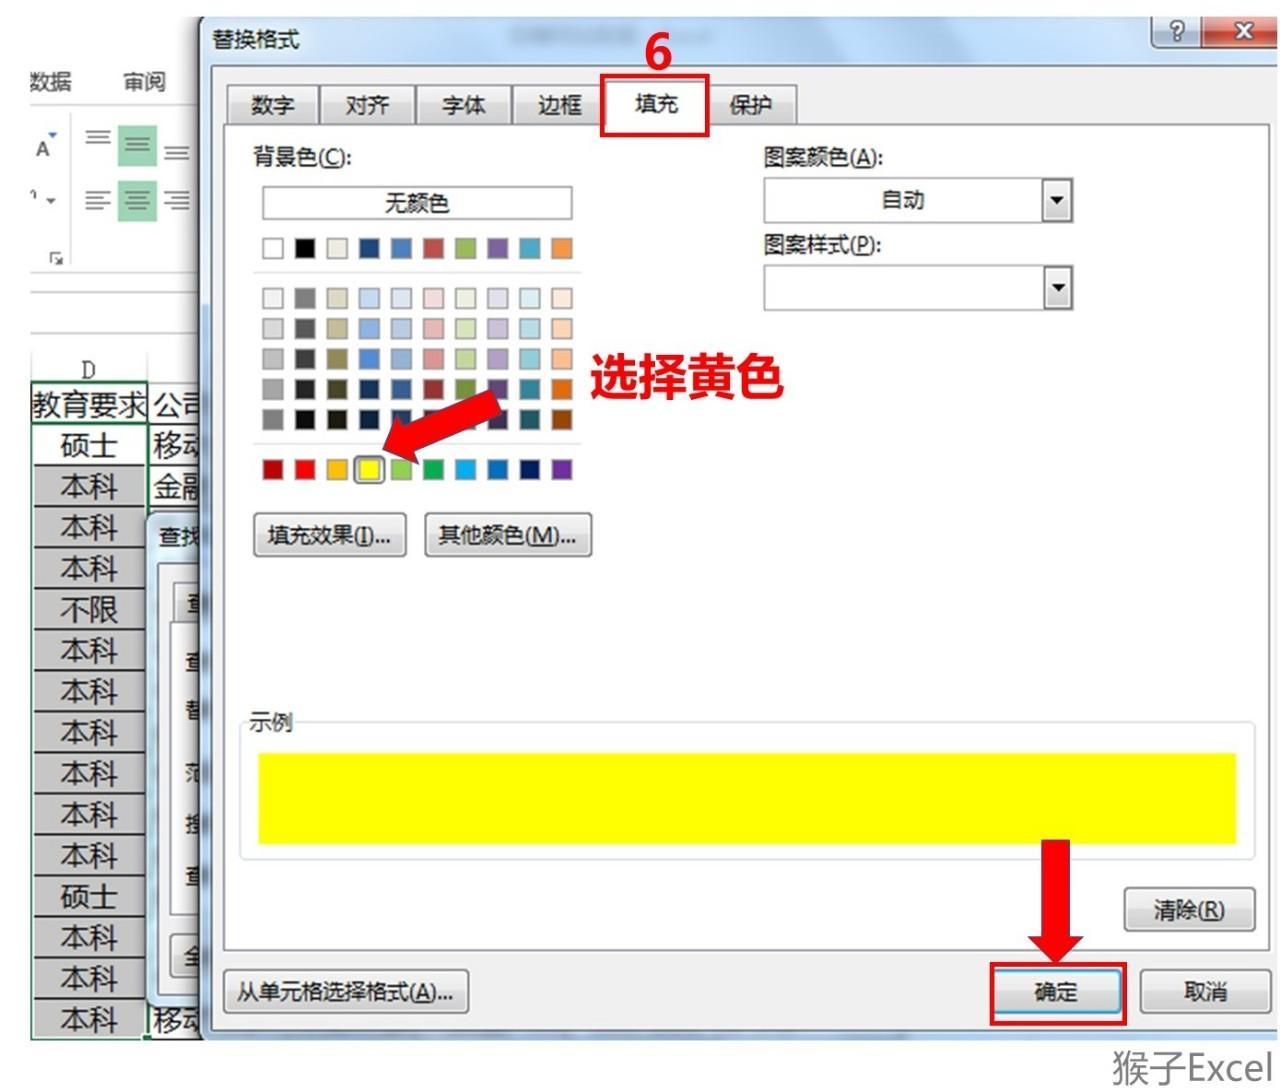 工作年限格式_职场Excel:查找替换,你真的会用吗? - 知乎